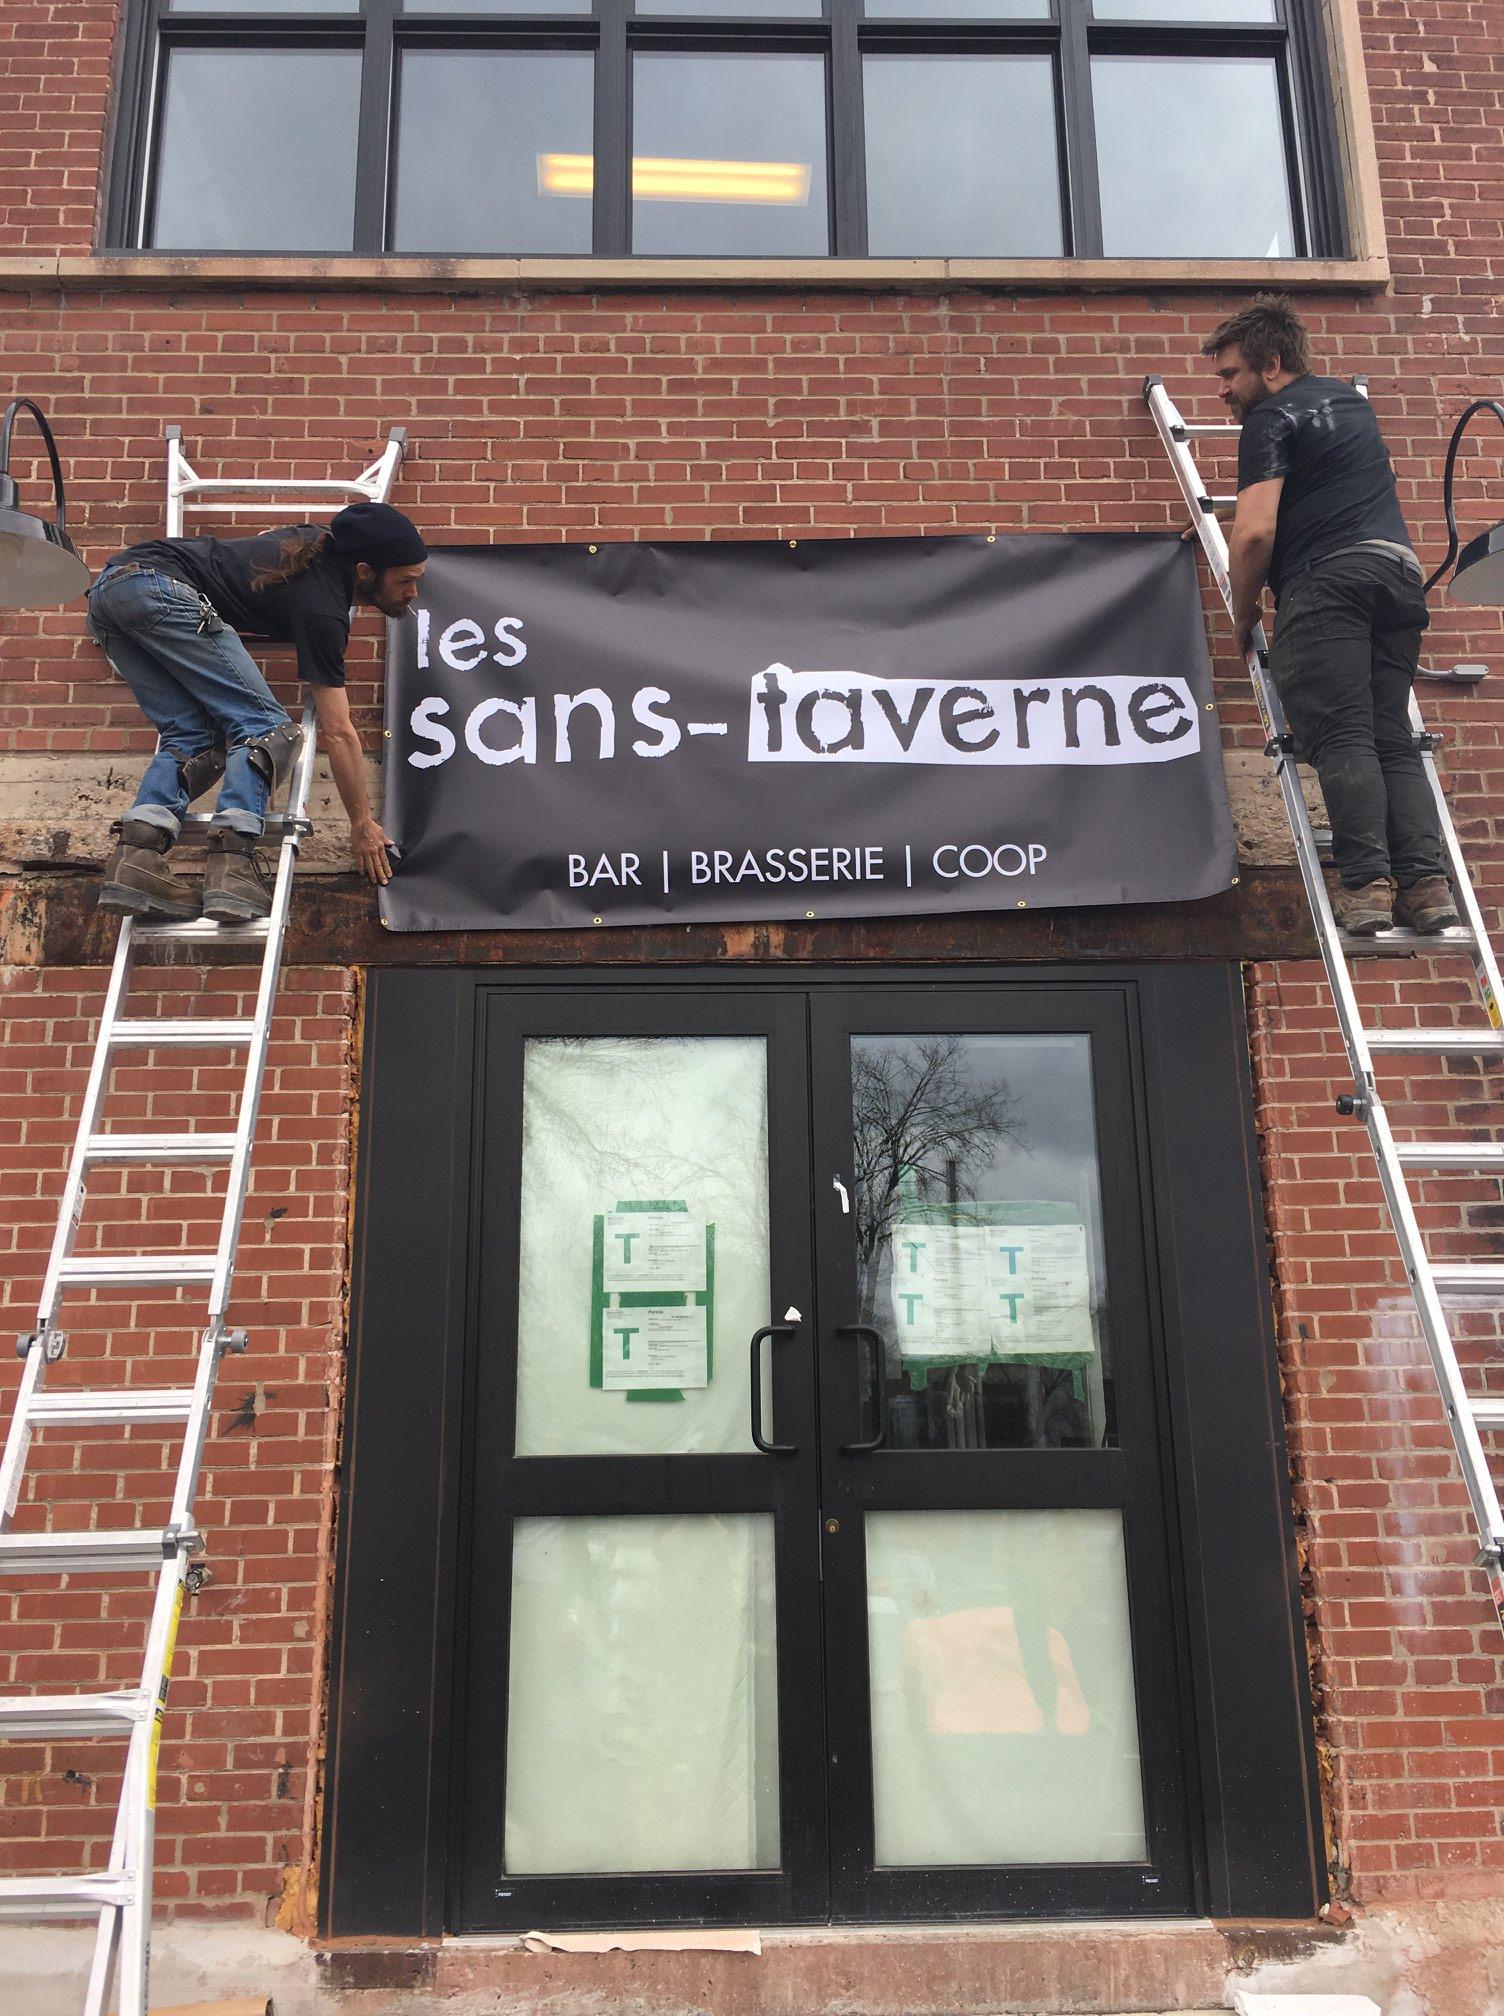 Deux hommes posent une bannière: Les sans-taverne